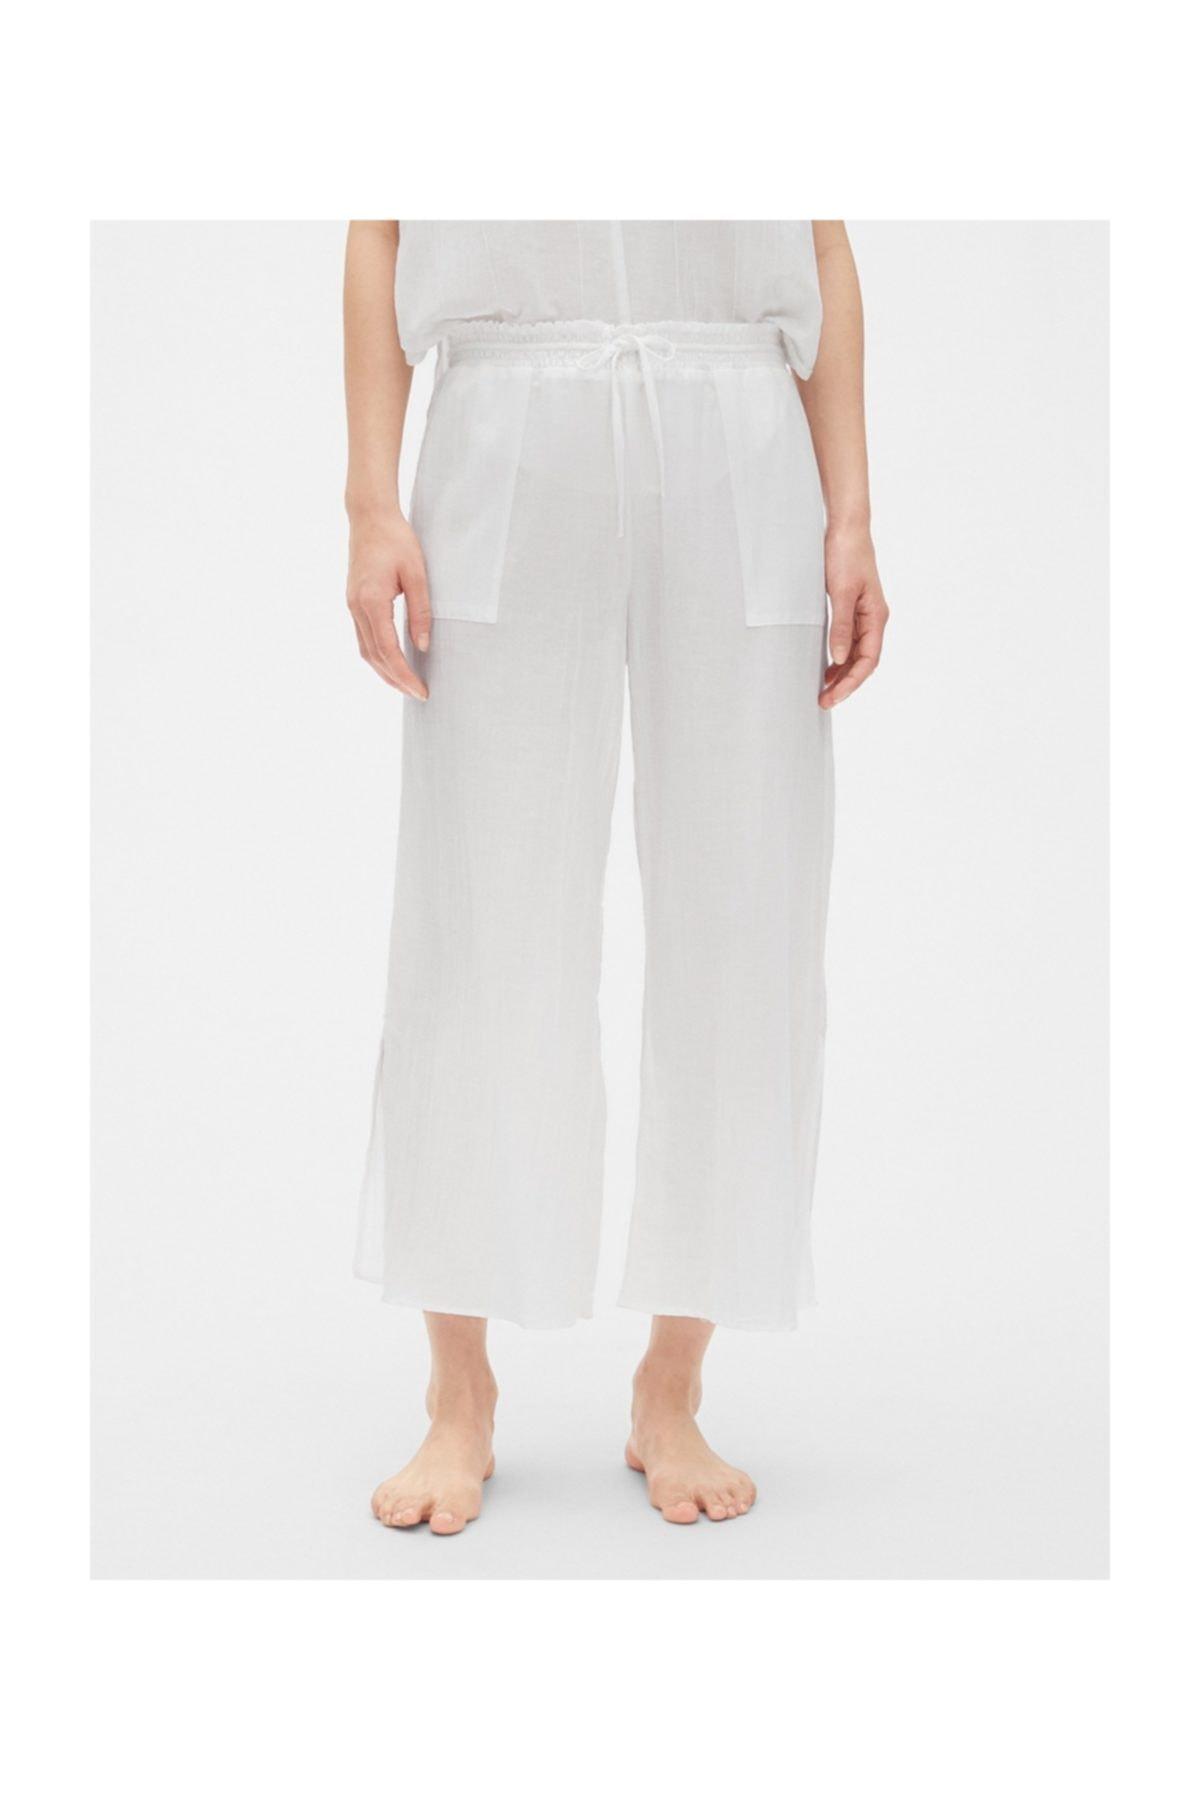 GAP Kadın Beyaz Pijama Altı 469132 1